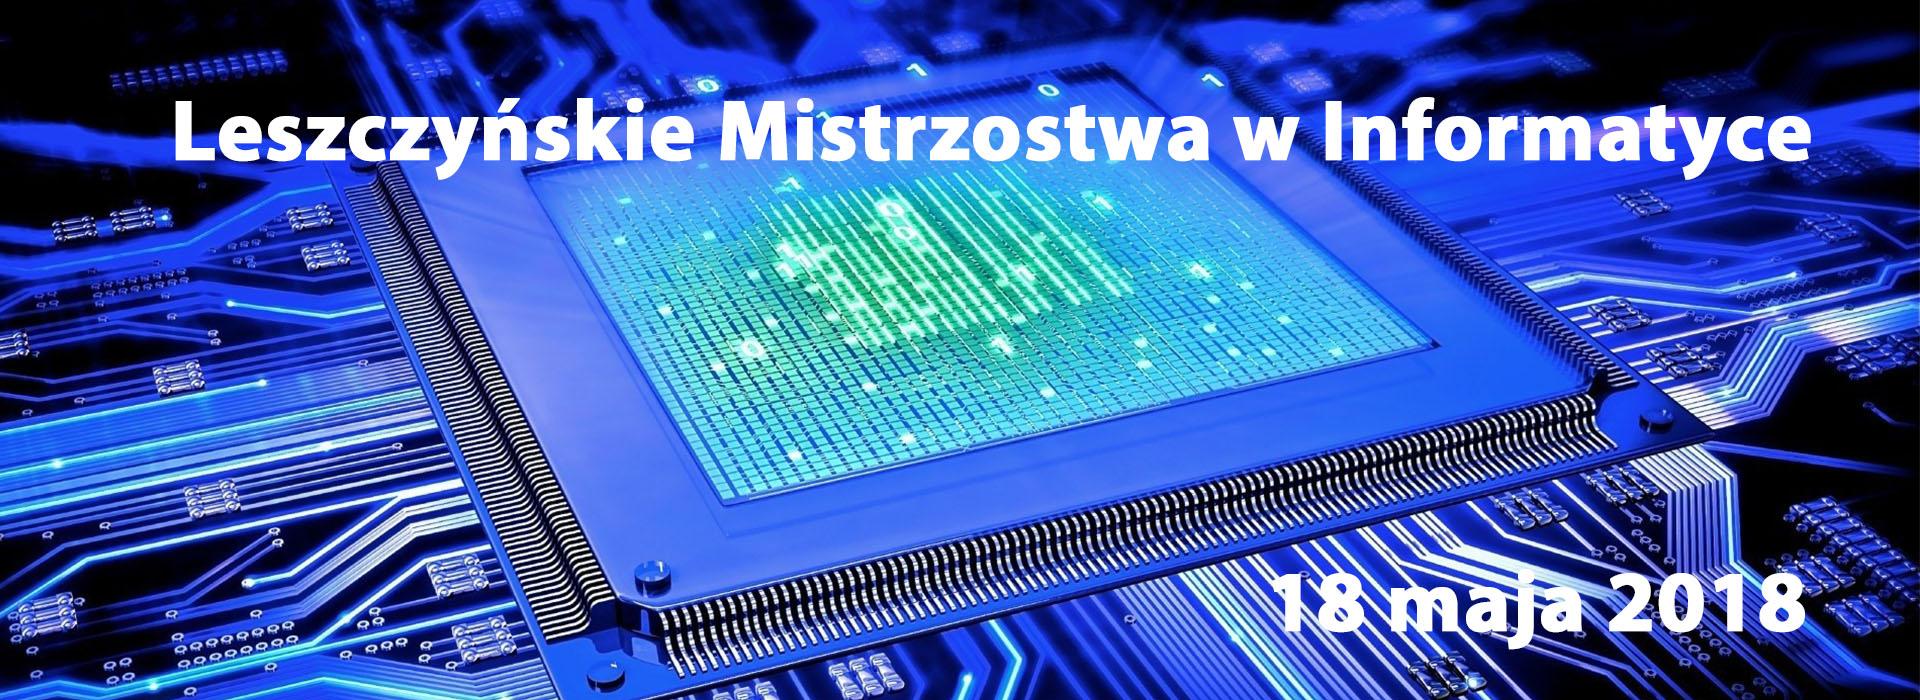 mistzostwa